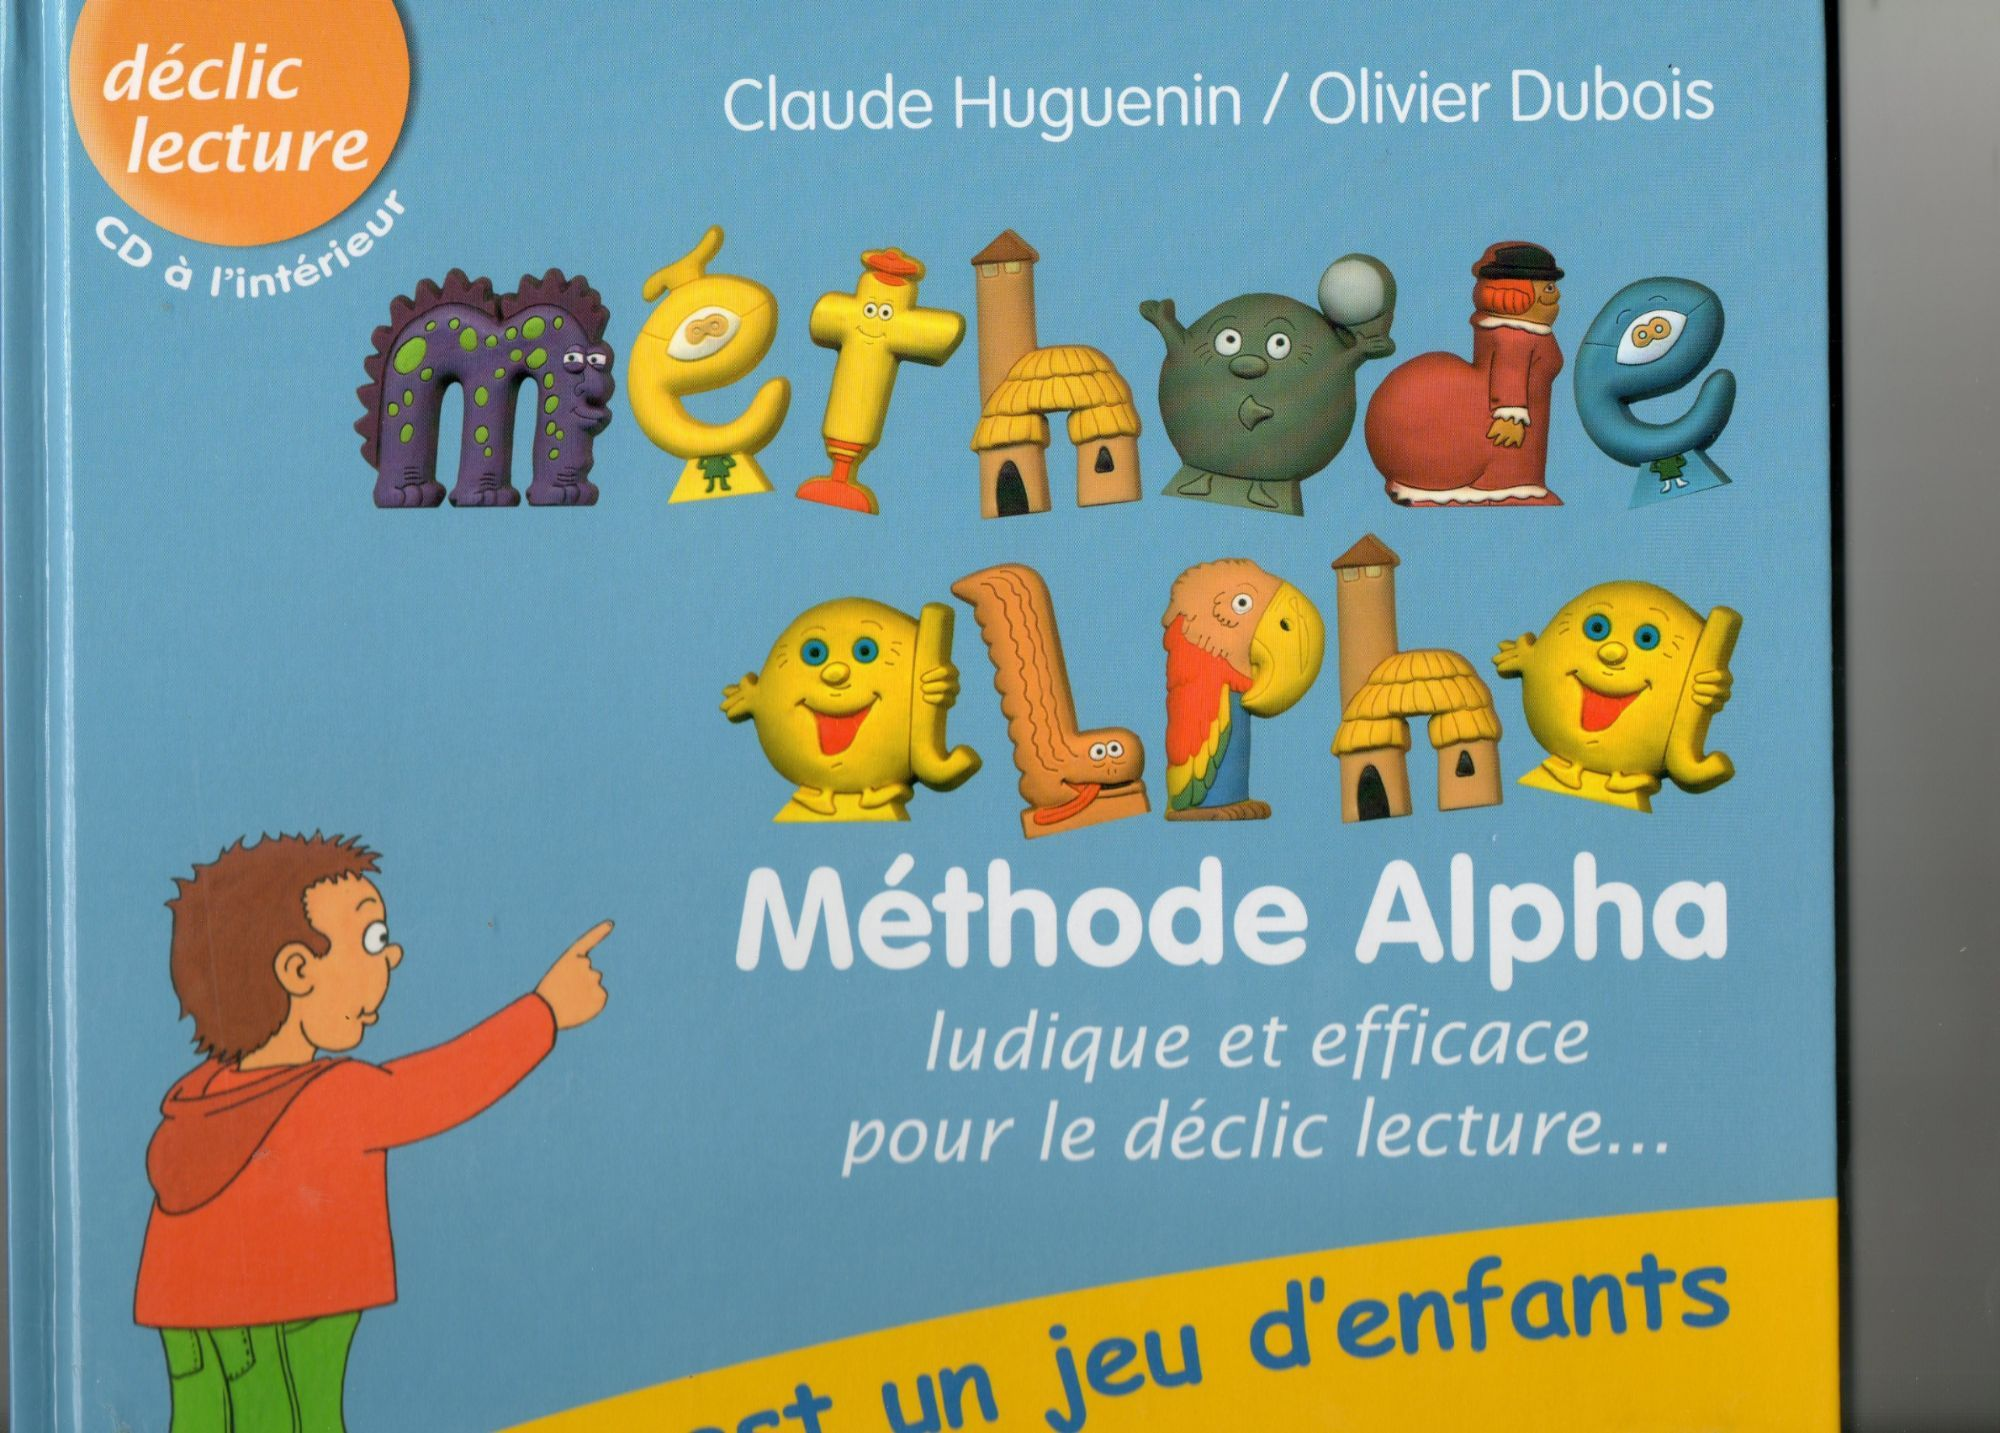 Methode Alphas, Déclic Lecture - Lire est un jeu d'enfants